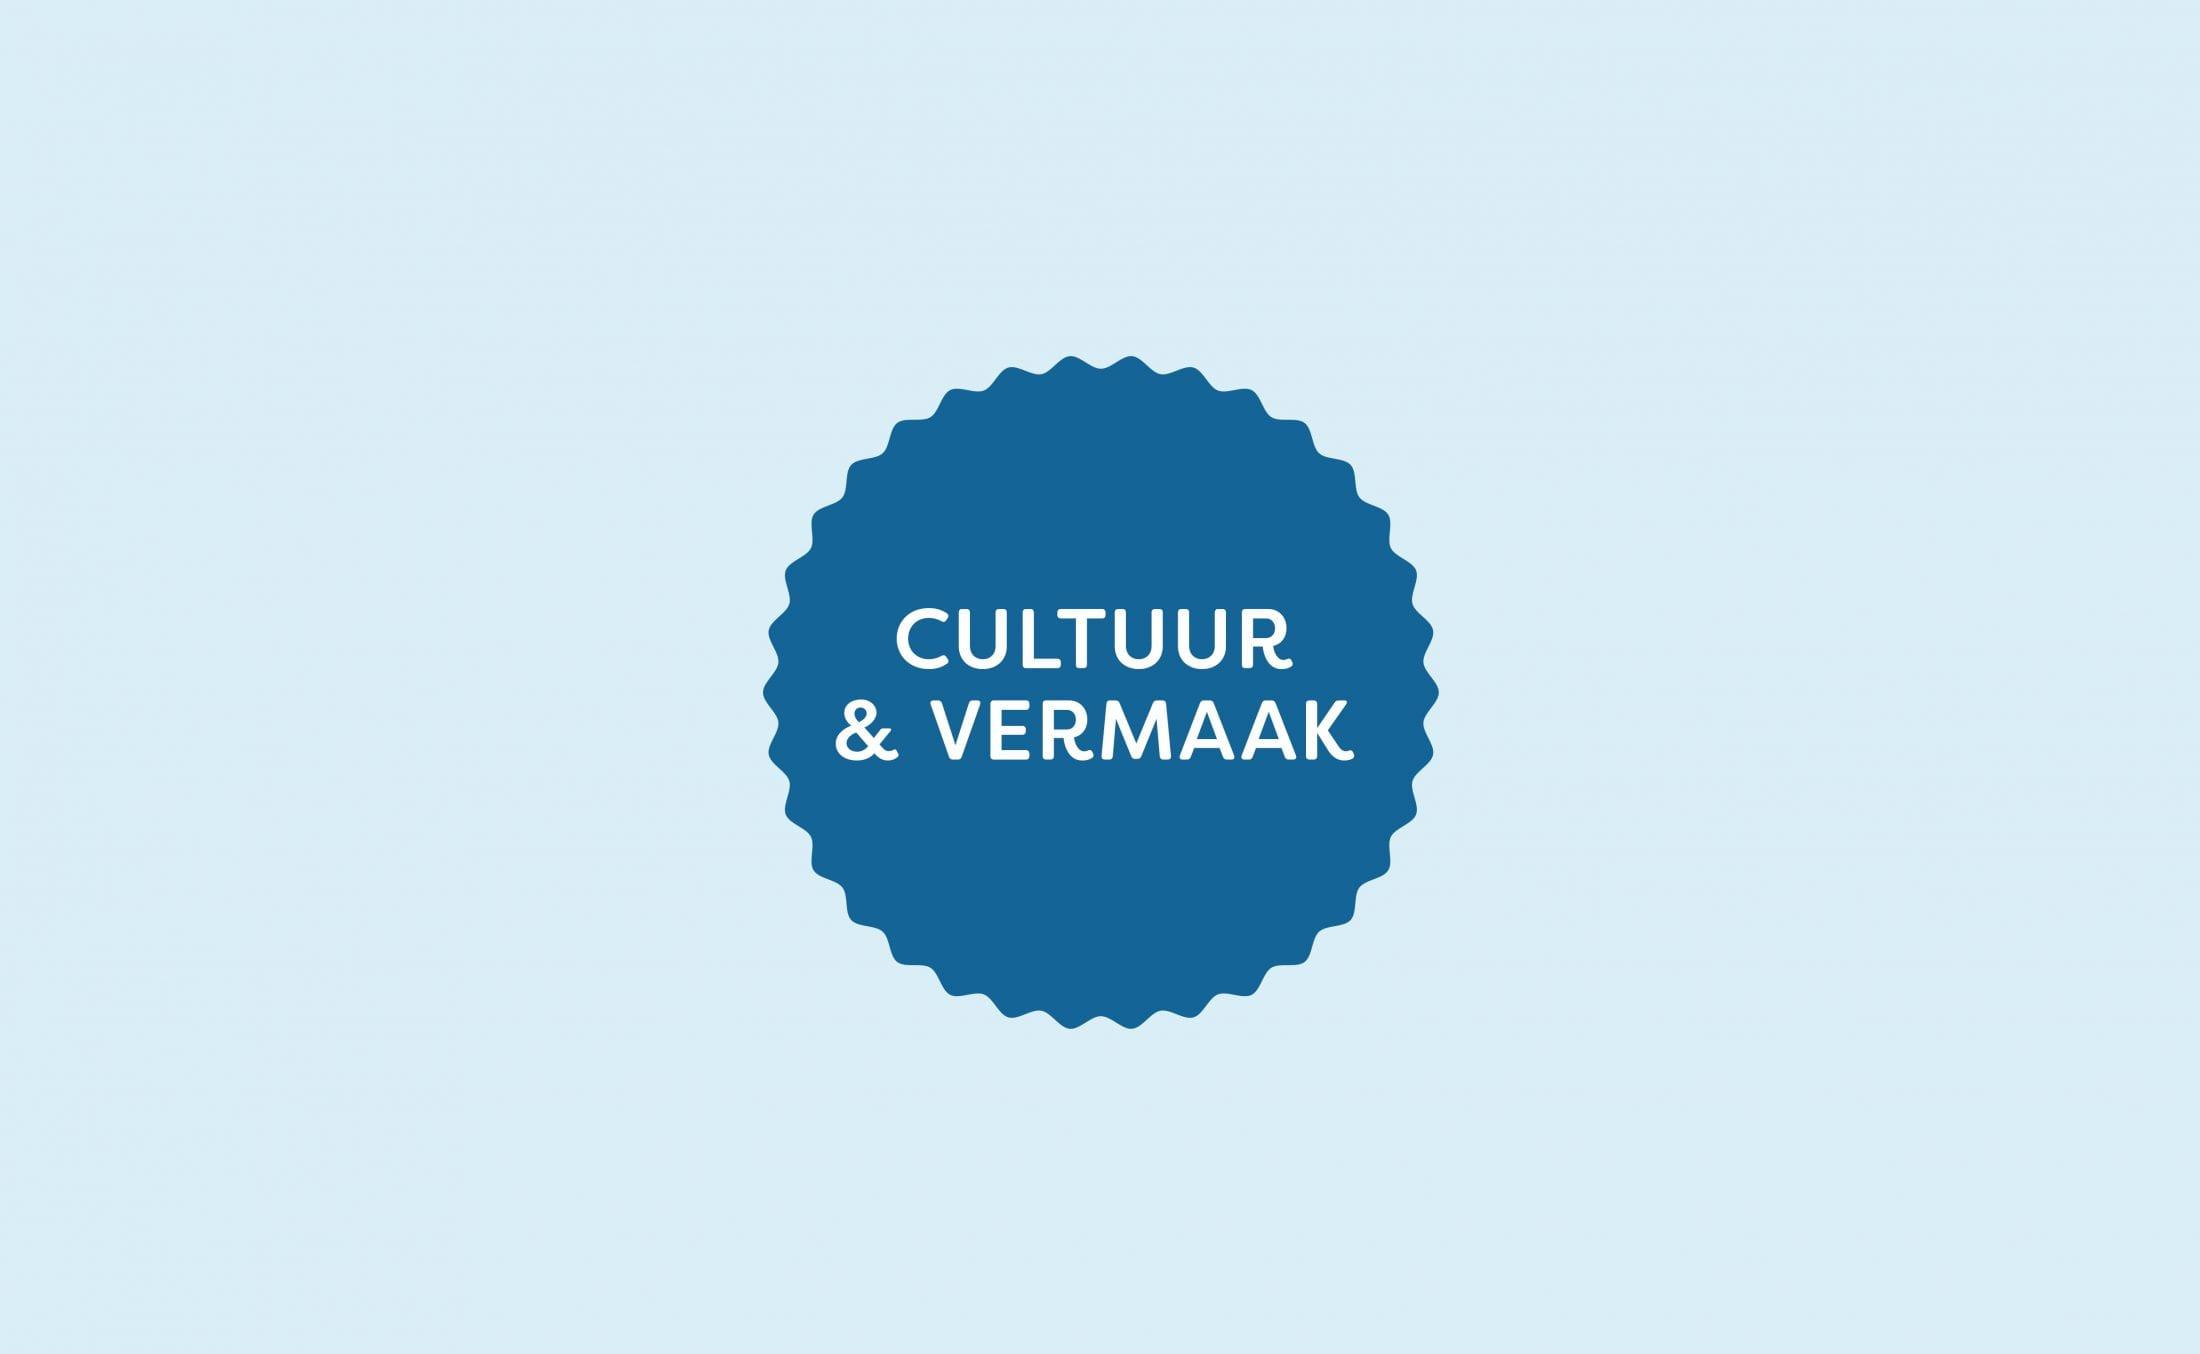 Cultuur-en-vermaak